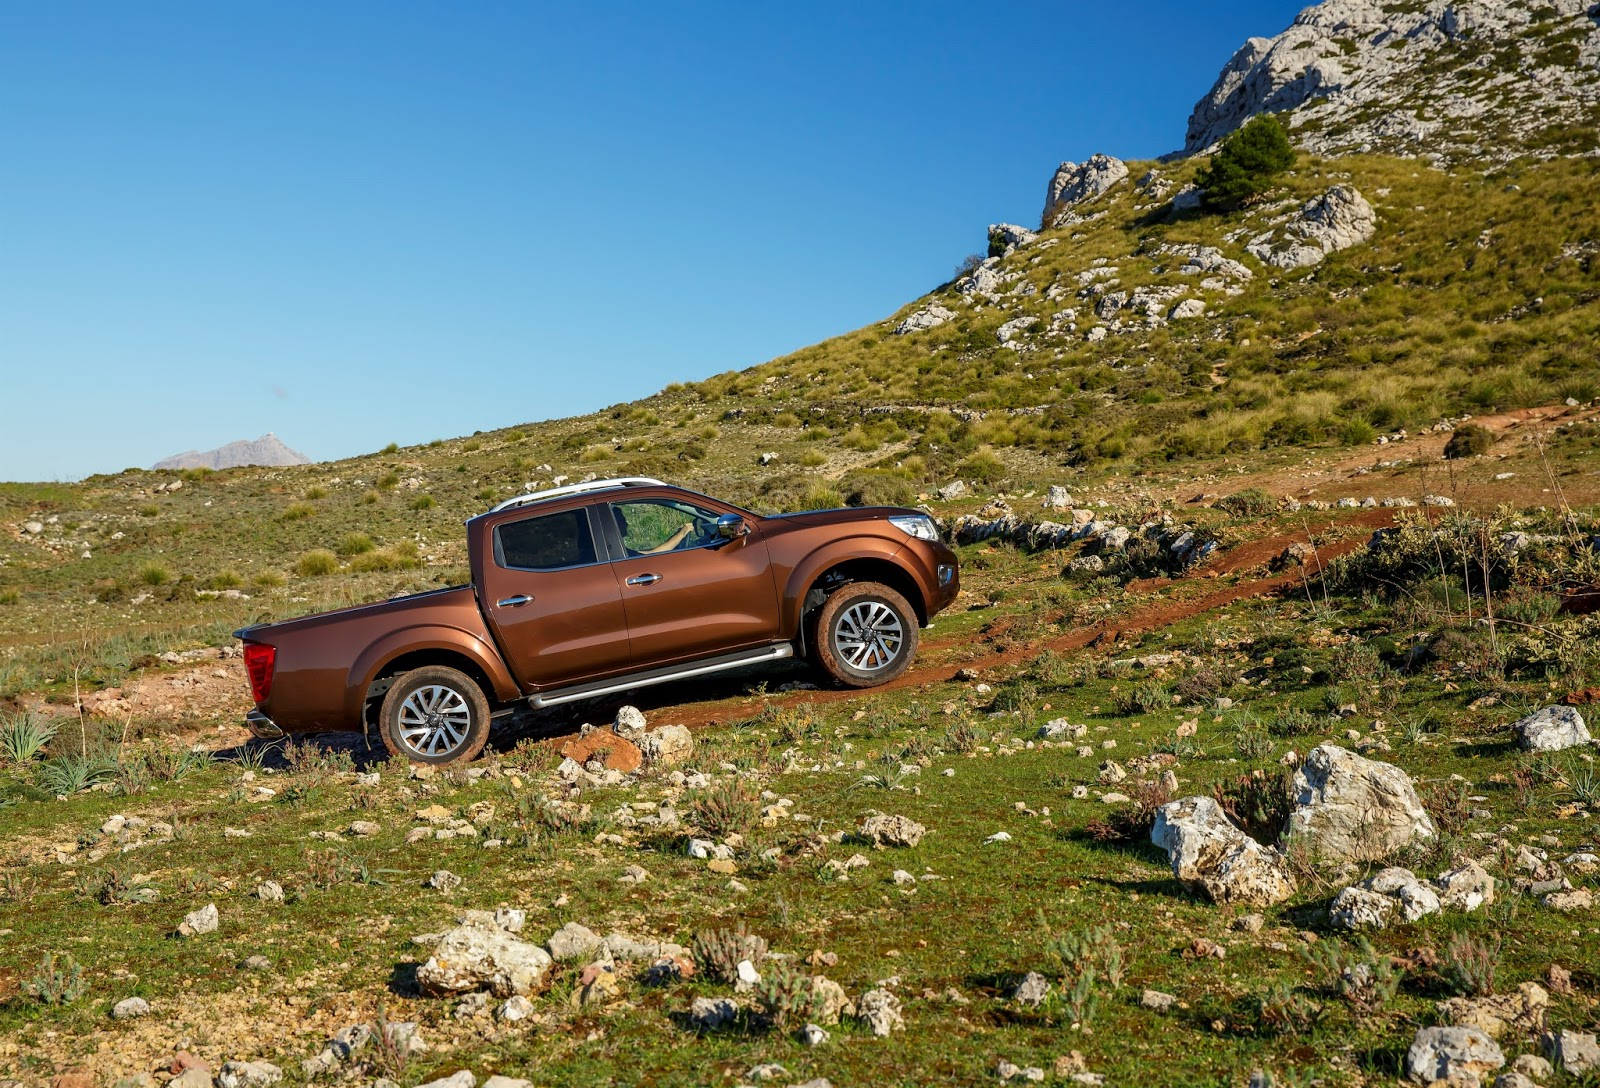 139504 1 5 Το νέο Nissan NP300 NAVARA ήρθε στη χώρα μας για σκληρή δουλειά και από 26.090€ Nissan, Nissan NP300 Navara, Pick-up